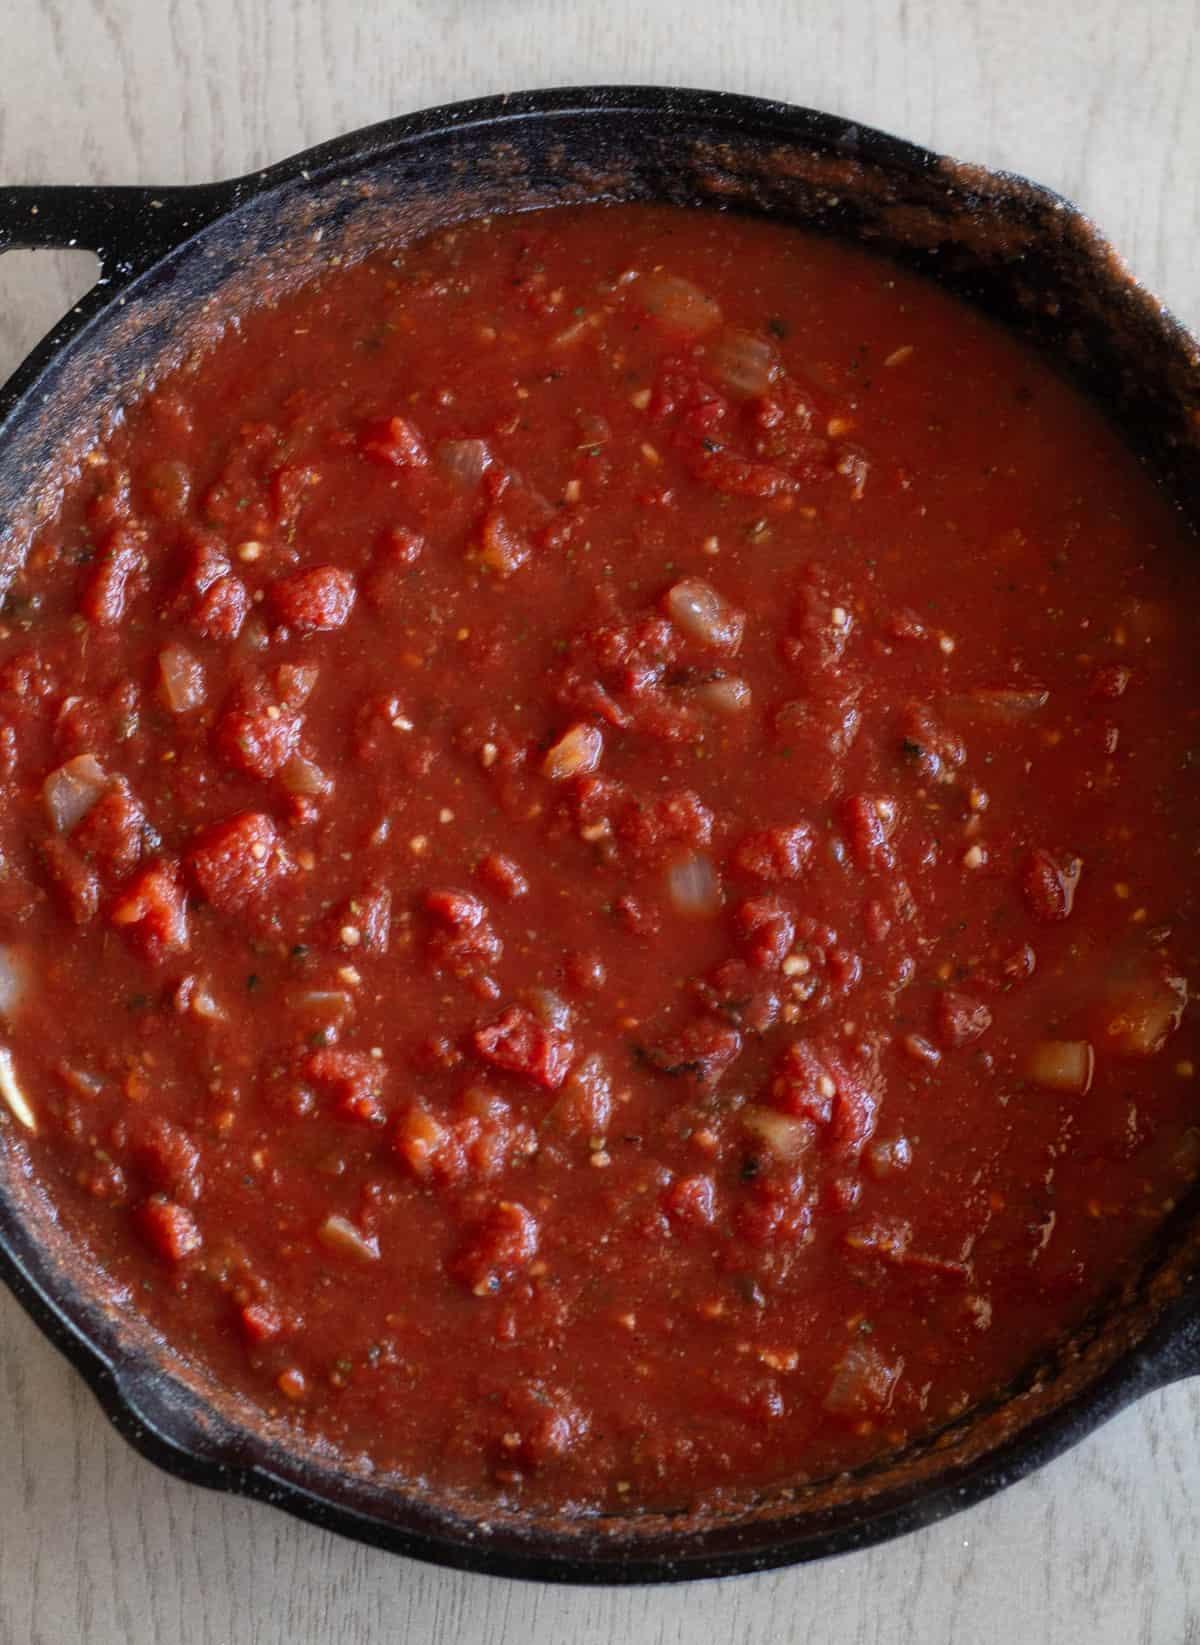 Chicken parm sauce in skillet